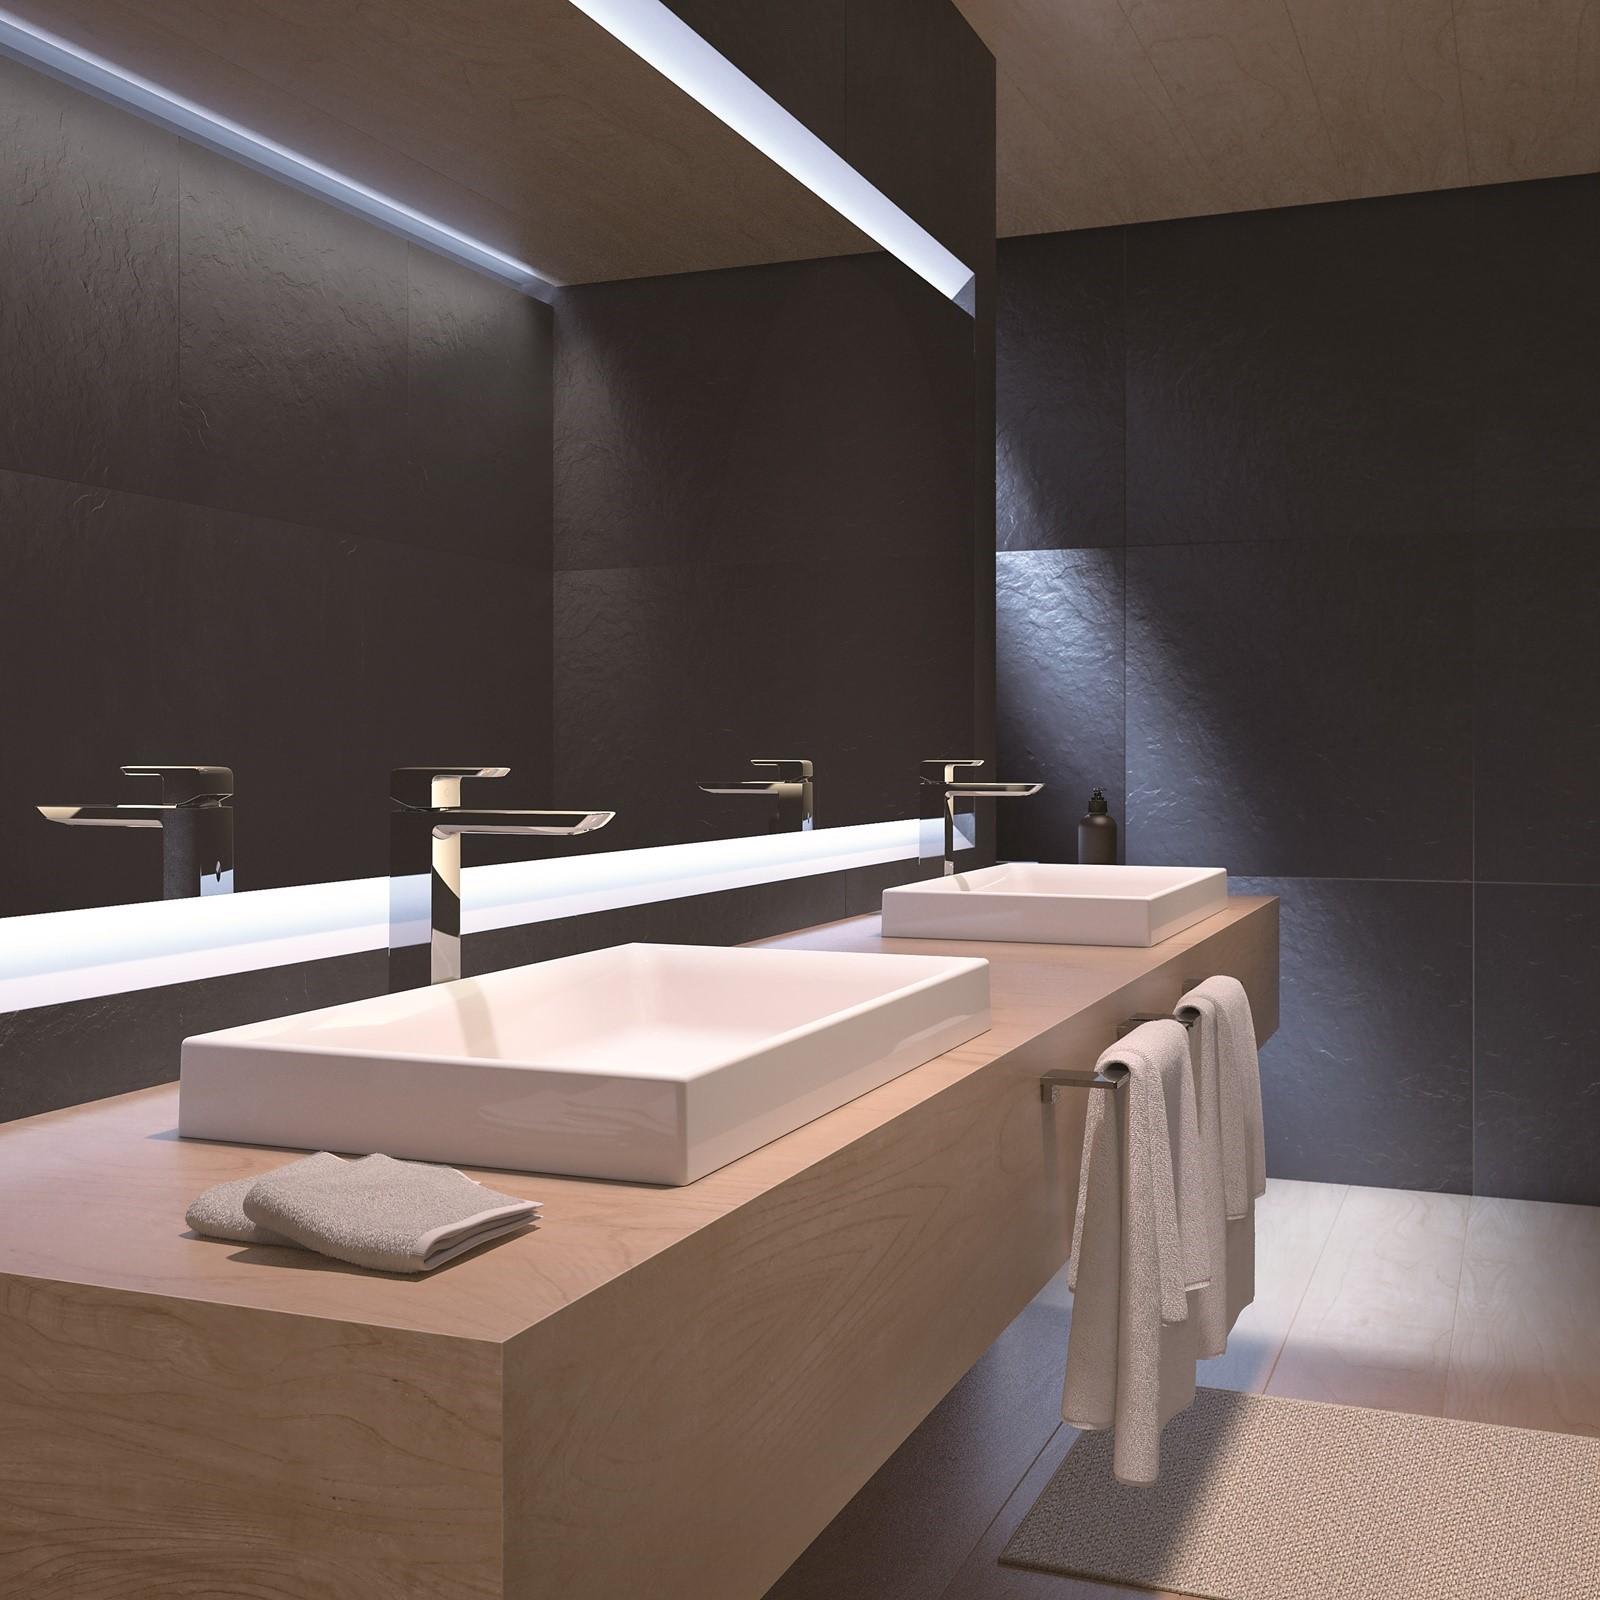 แบบห้องน้ำสไตล์โมเดิร์น : เรียบง่ายและสงบแบบเซน 3